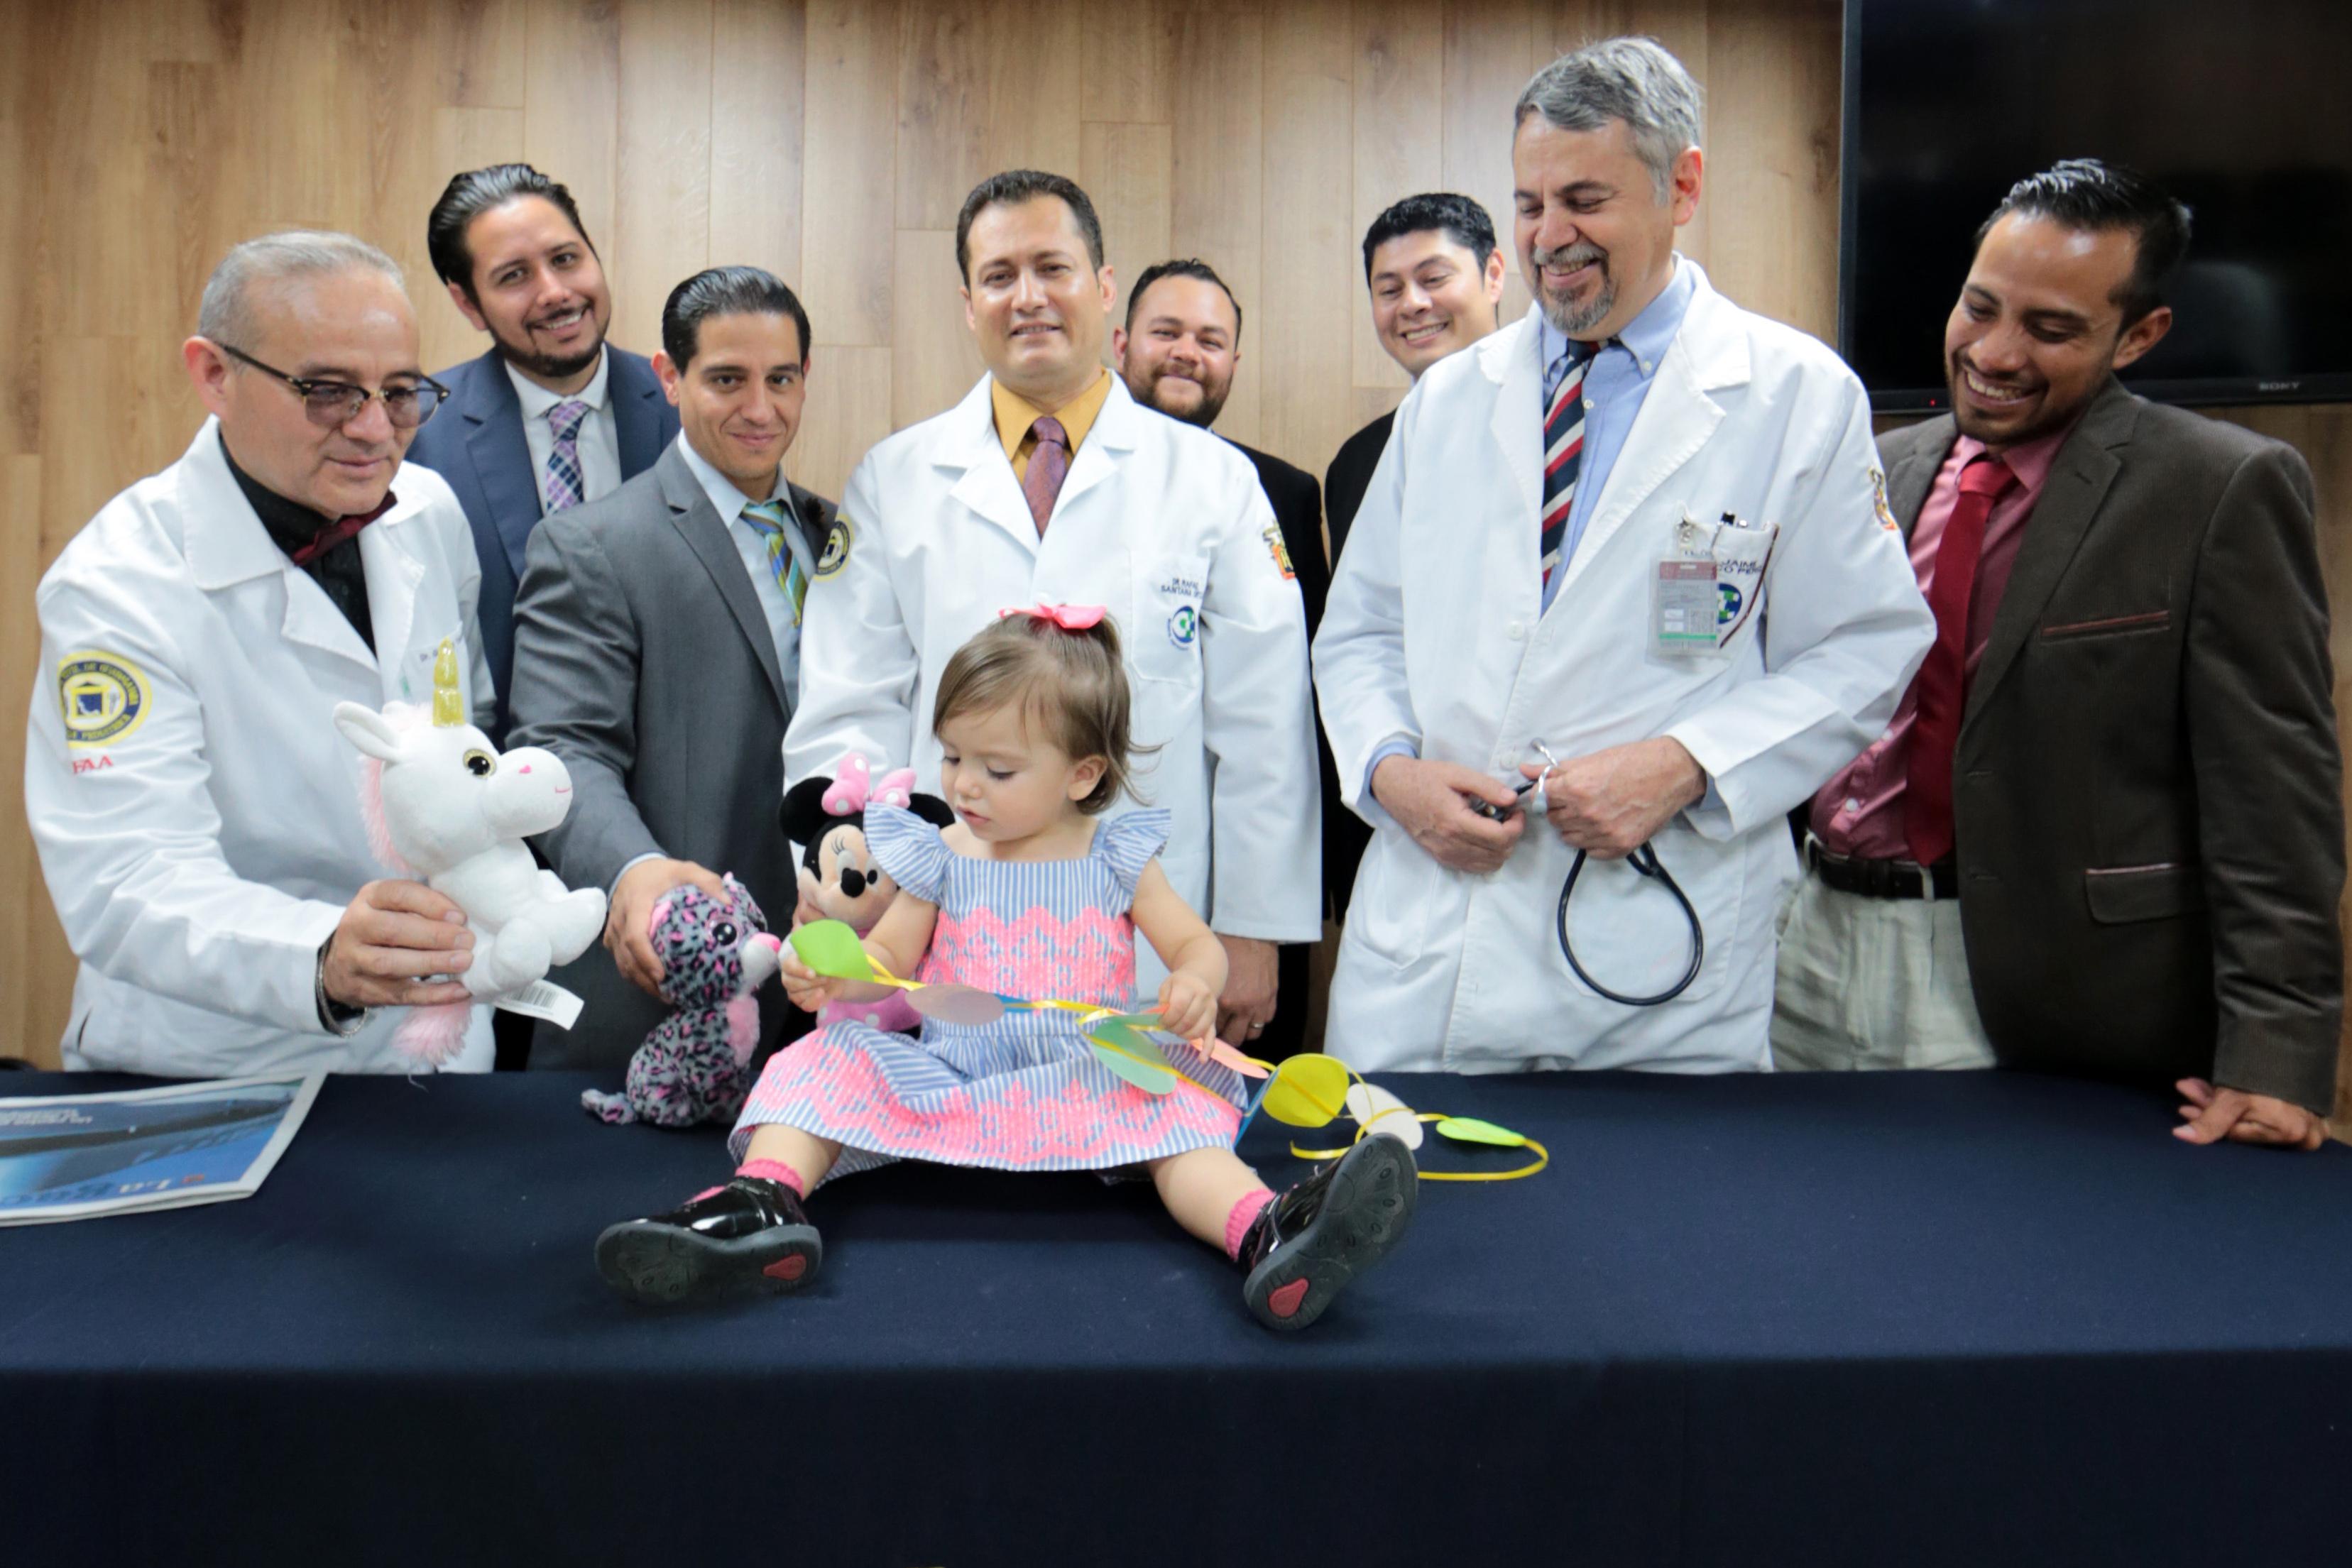 Médicos cirujanos pediatras posan con paciente